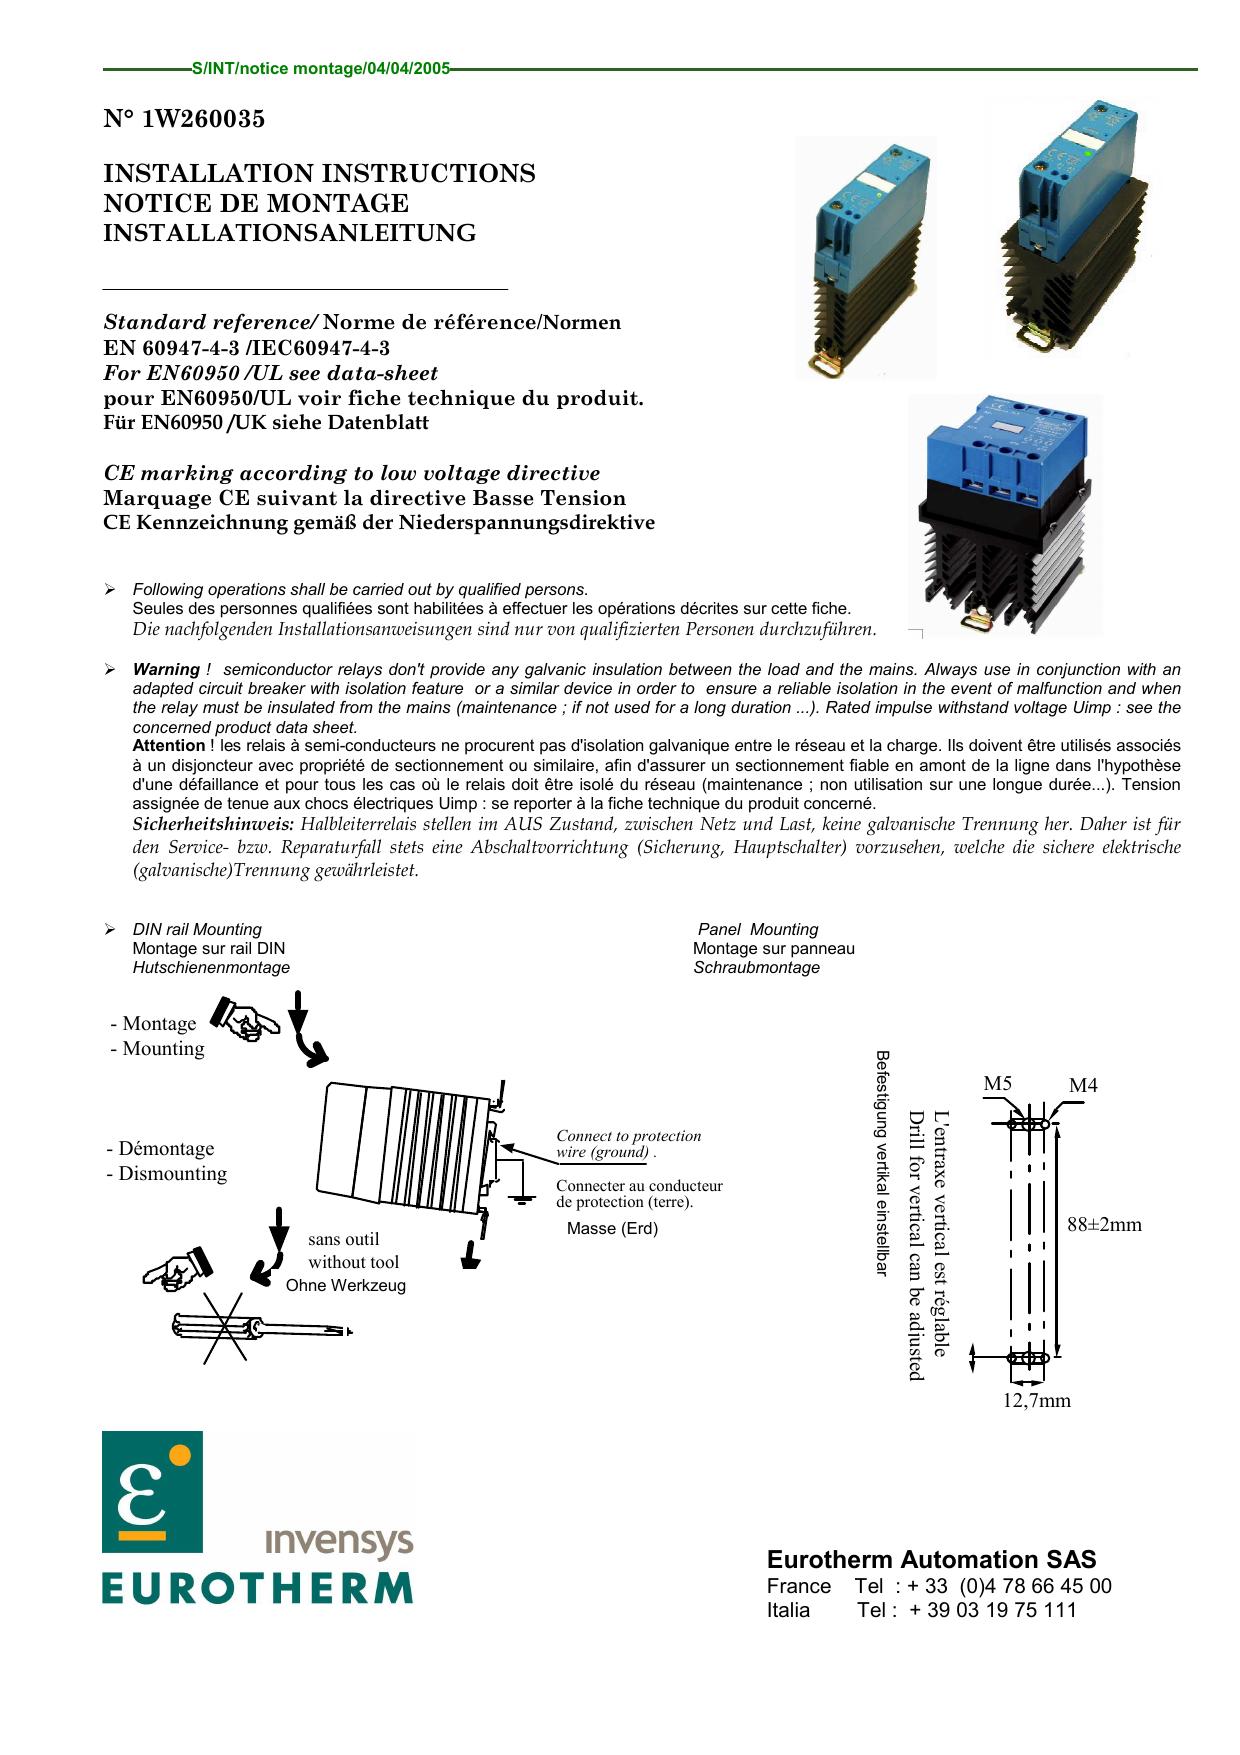 N° 1W260035 Installation Instructions Notice De Montage ... concernant Notice Montage